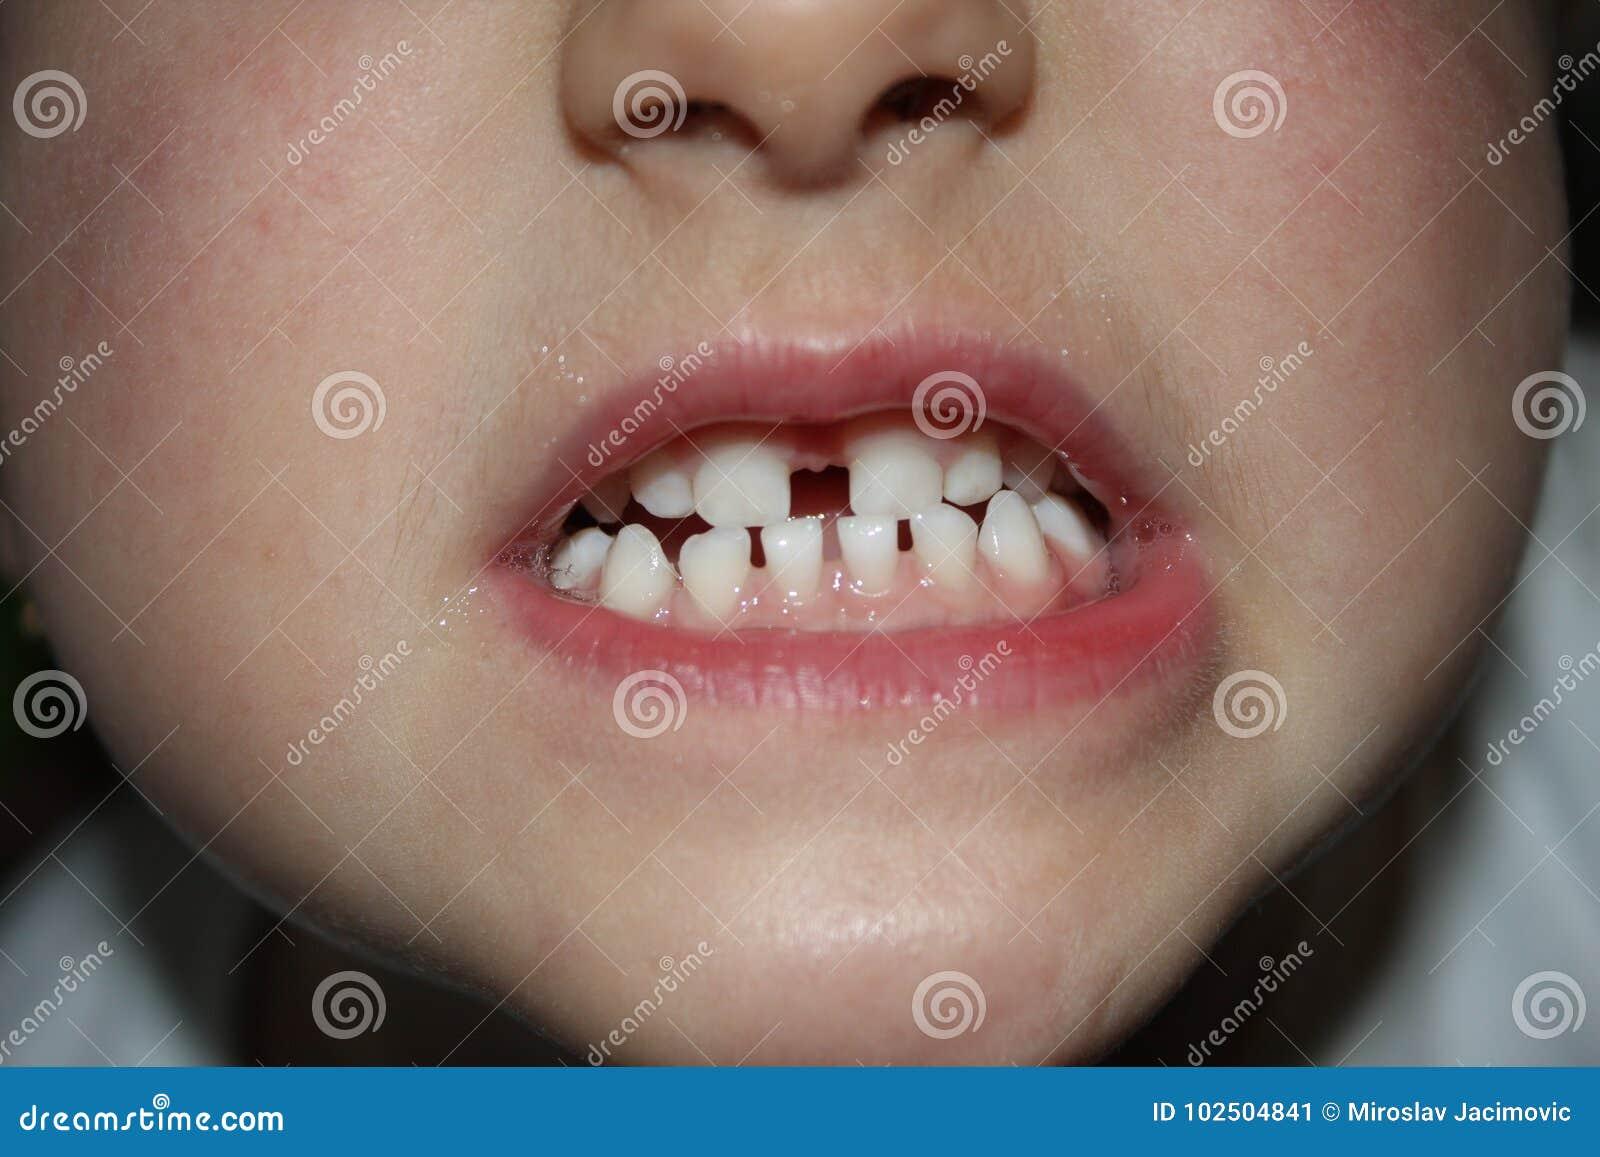 Kids teeths - closeup look